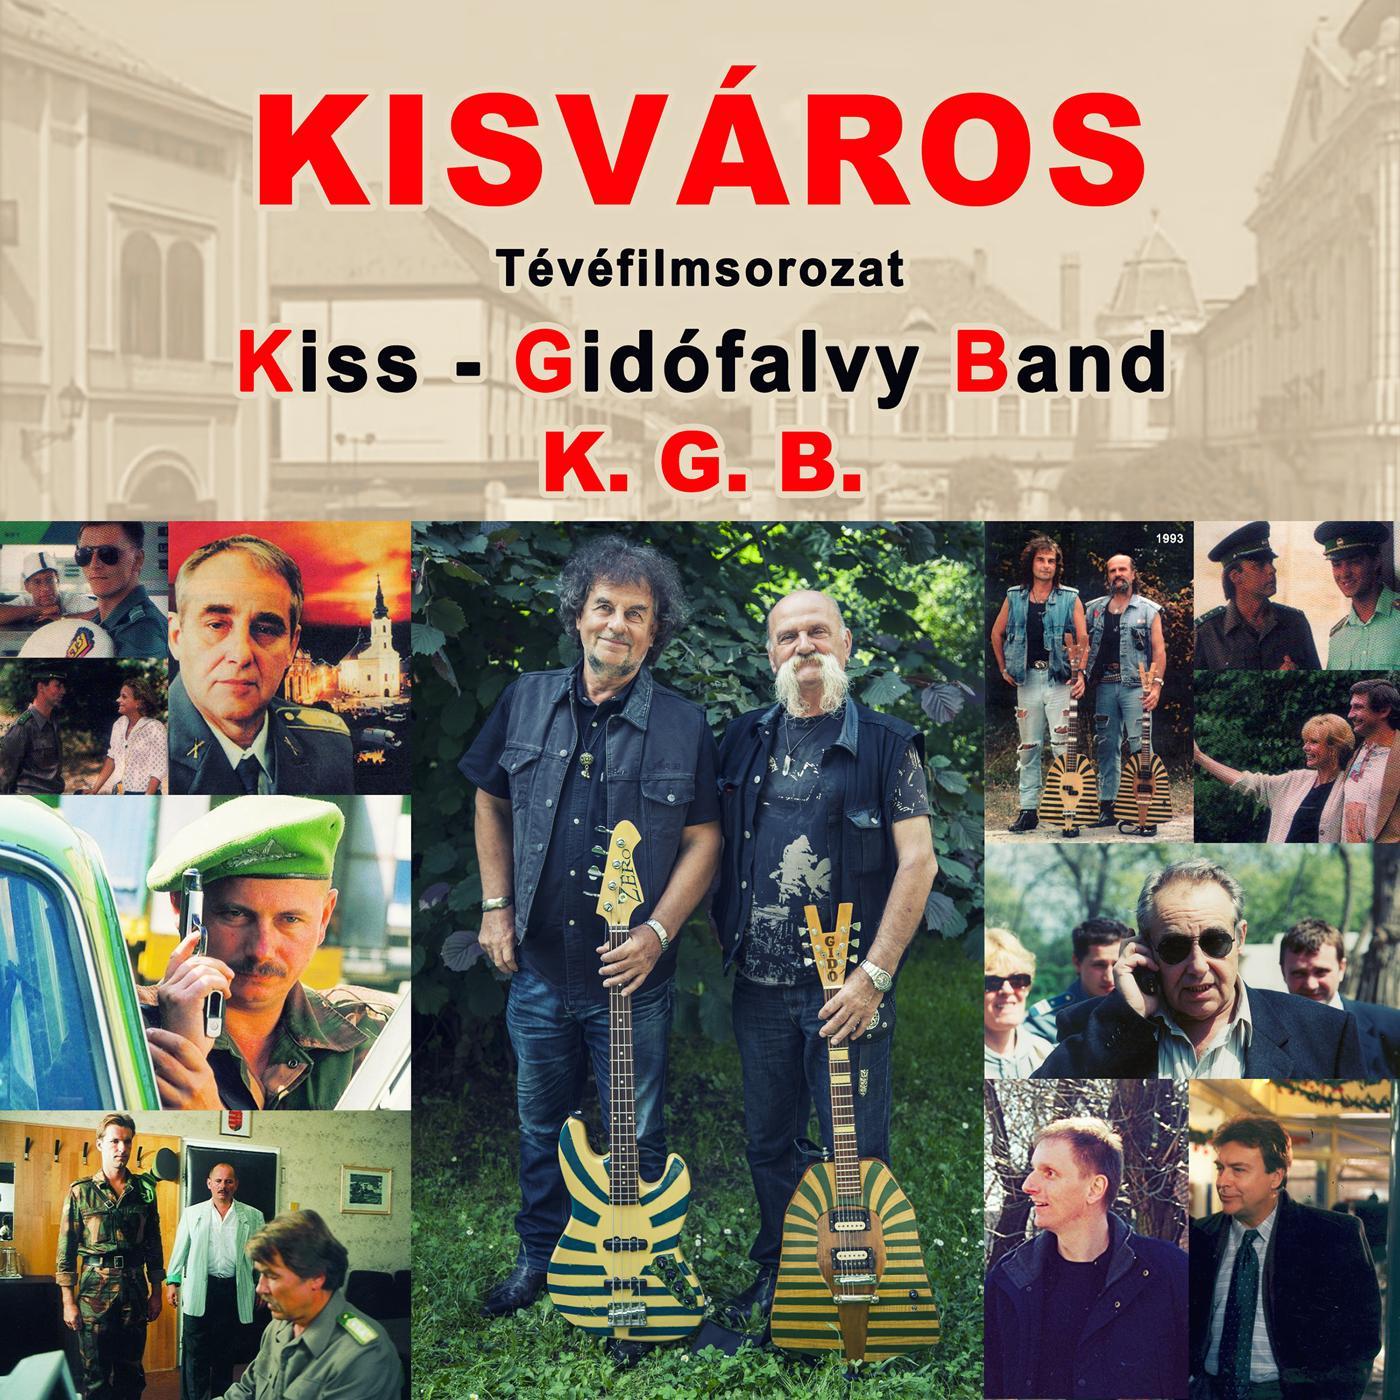 - KISVÁROS (TÉVÉFILMSOROZAT) - K.G.B. - DIGI 2CD -